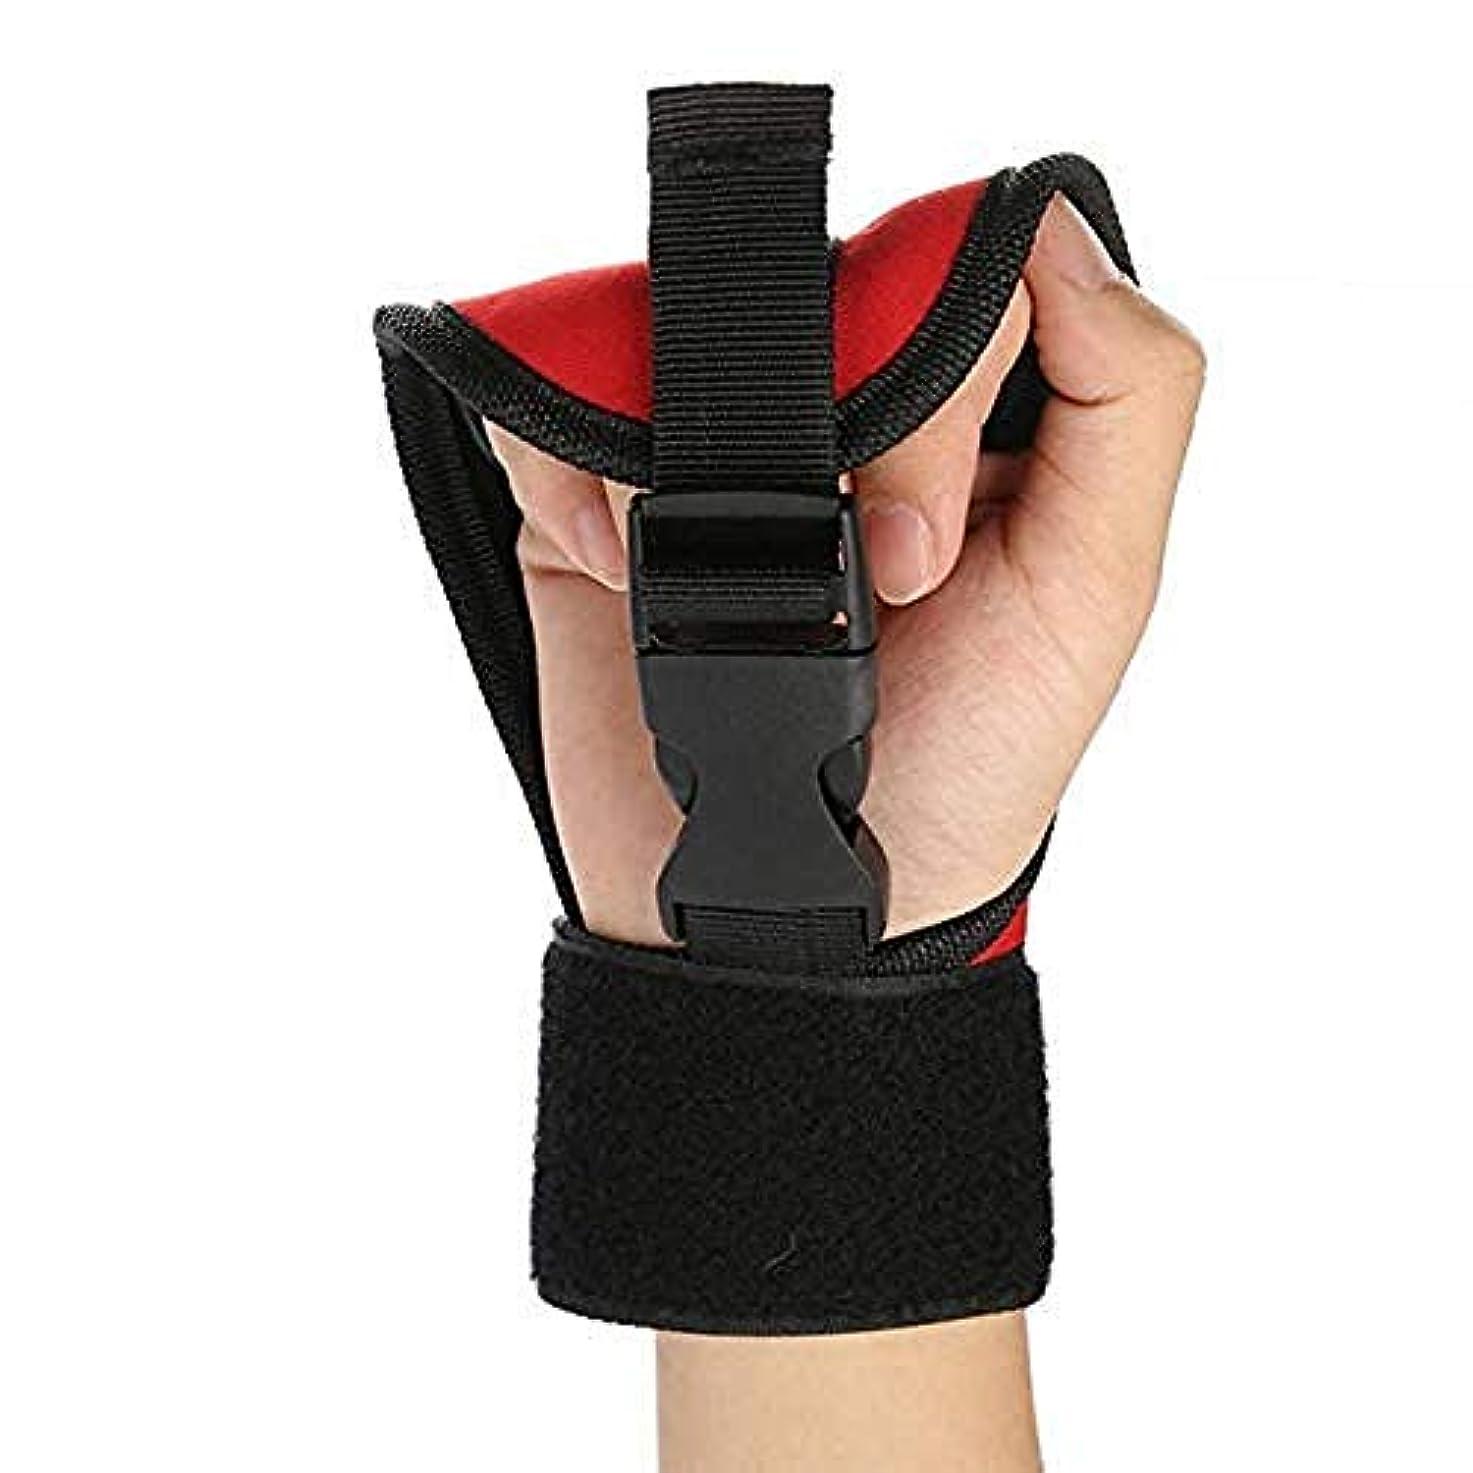 エクステント保険をかけるイライラする指の負傷のサポート、指の延長スプリント(ユニセクシャル)トレーニングハンドパンチ調節可能ストラップ,Buckle